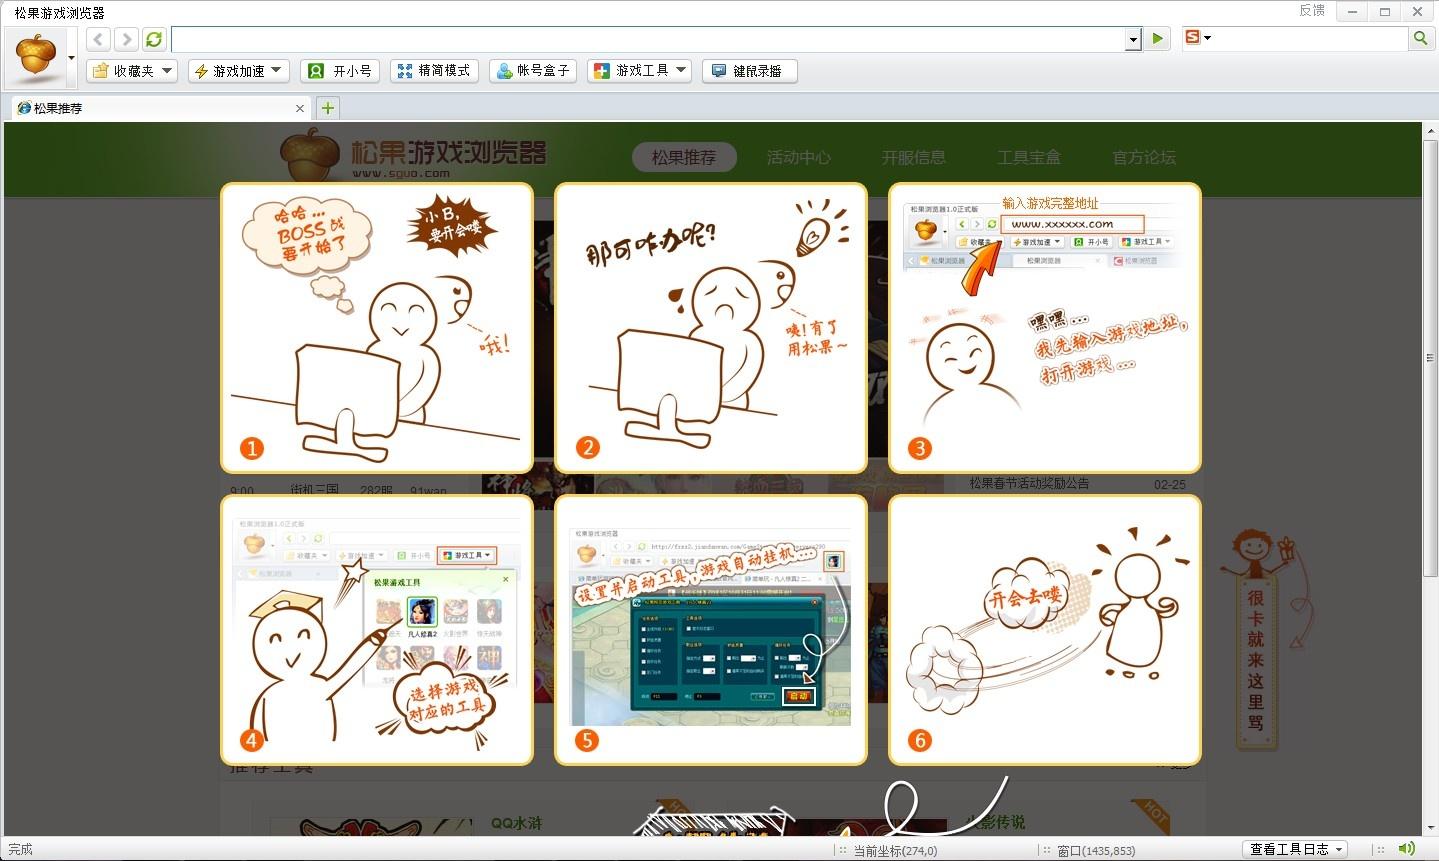 松果游戏浏览器 1.8.0